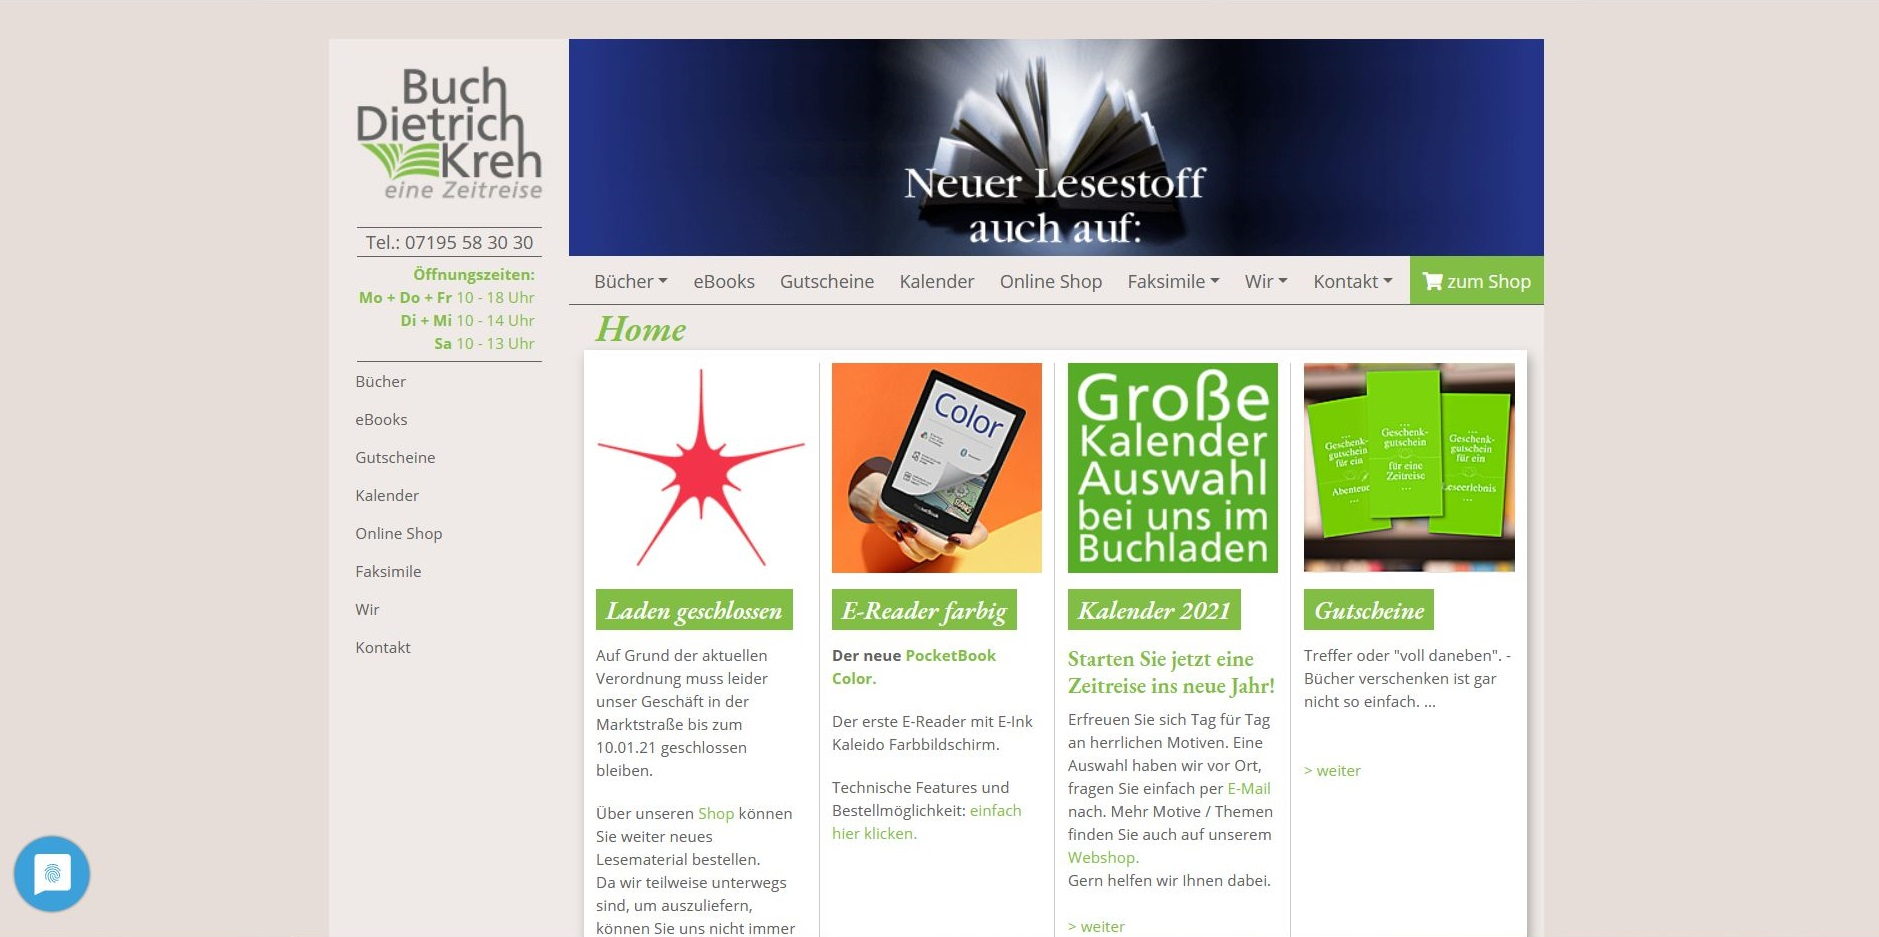 Buch Kreh Website in TYPO3 CMS - mit Anbindung an Händlershop